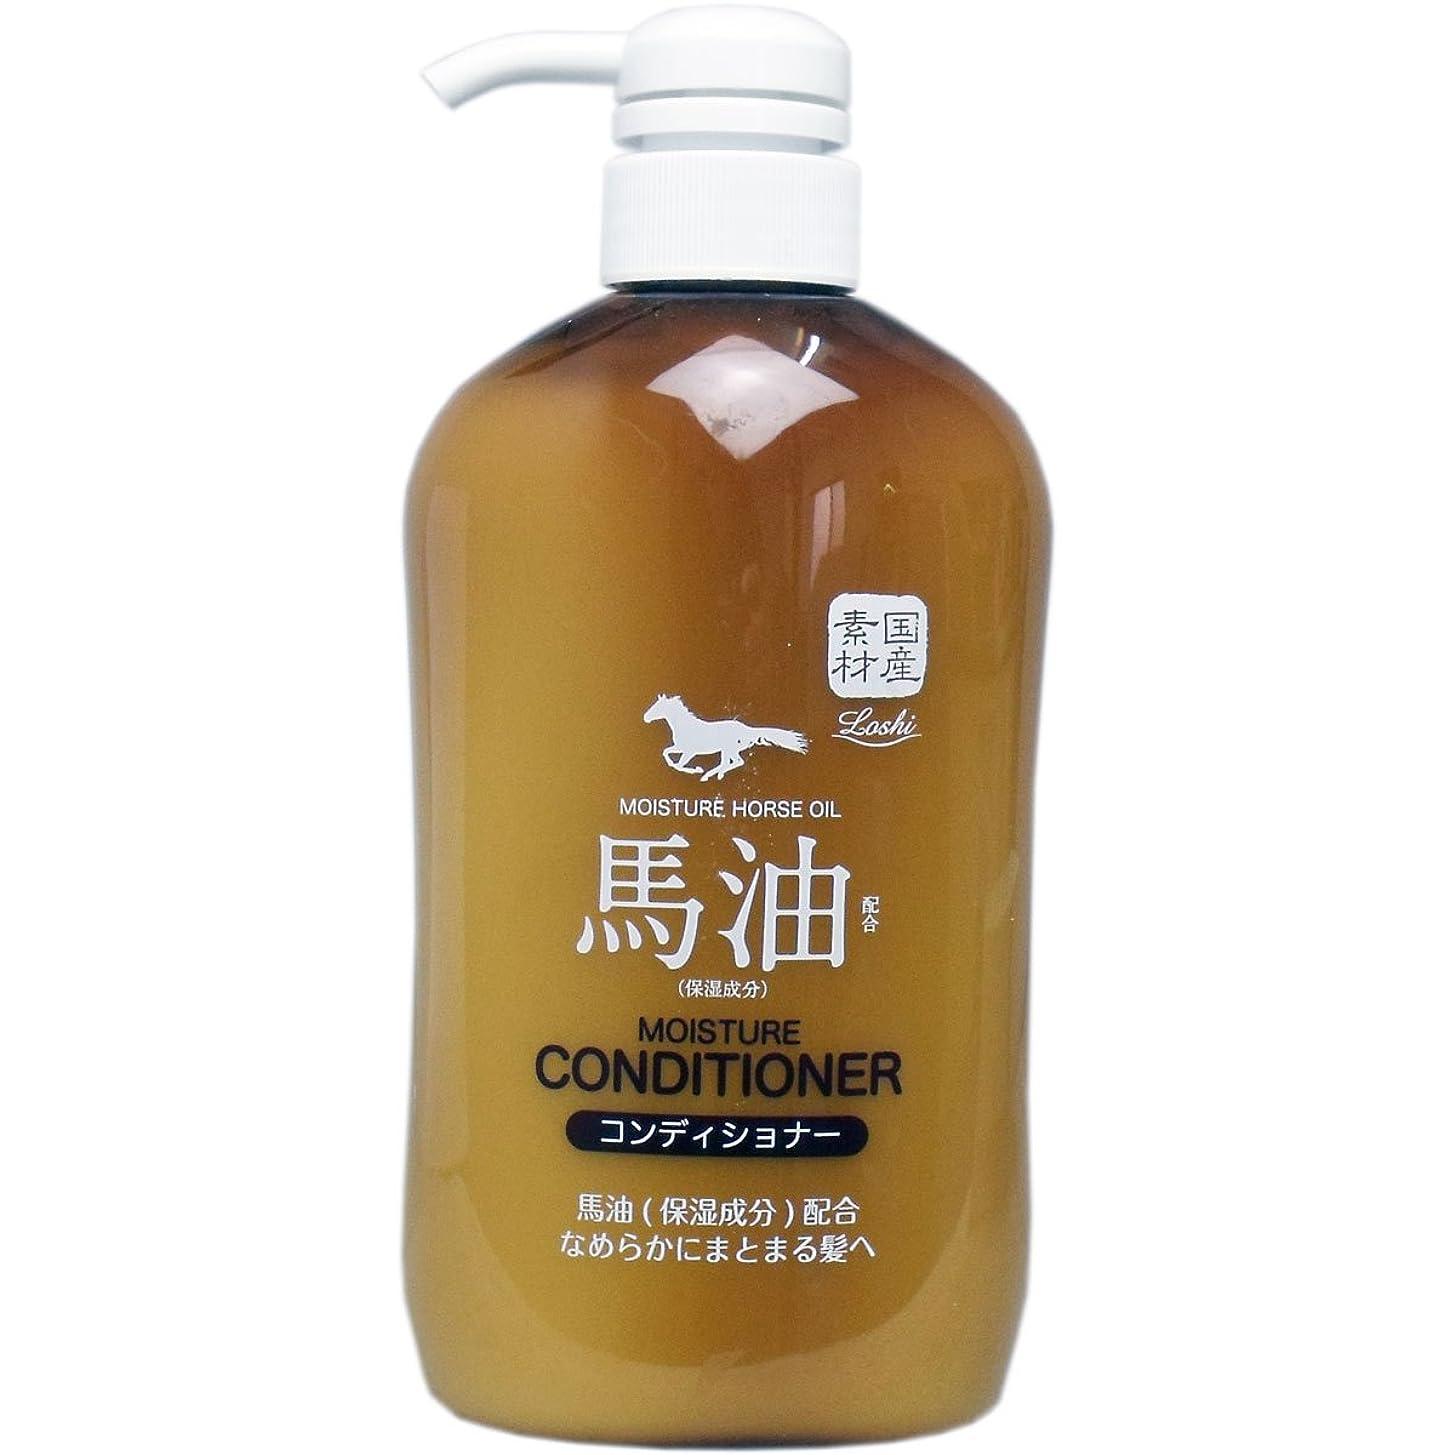 タービン悪性のジェスチャー馬油(保湿成分)配合 コンディショナー 600ml